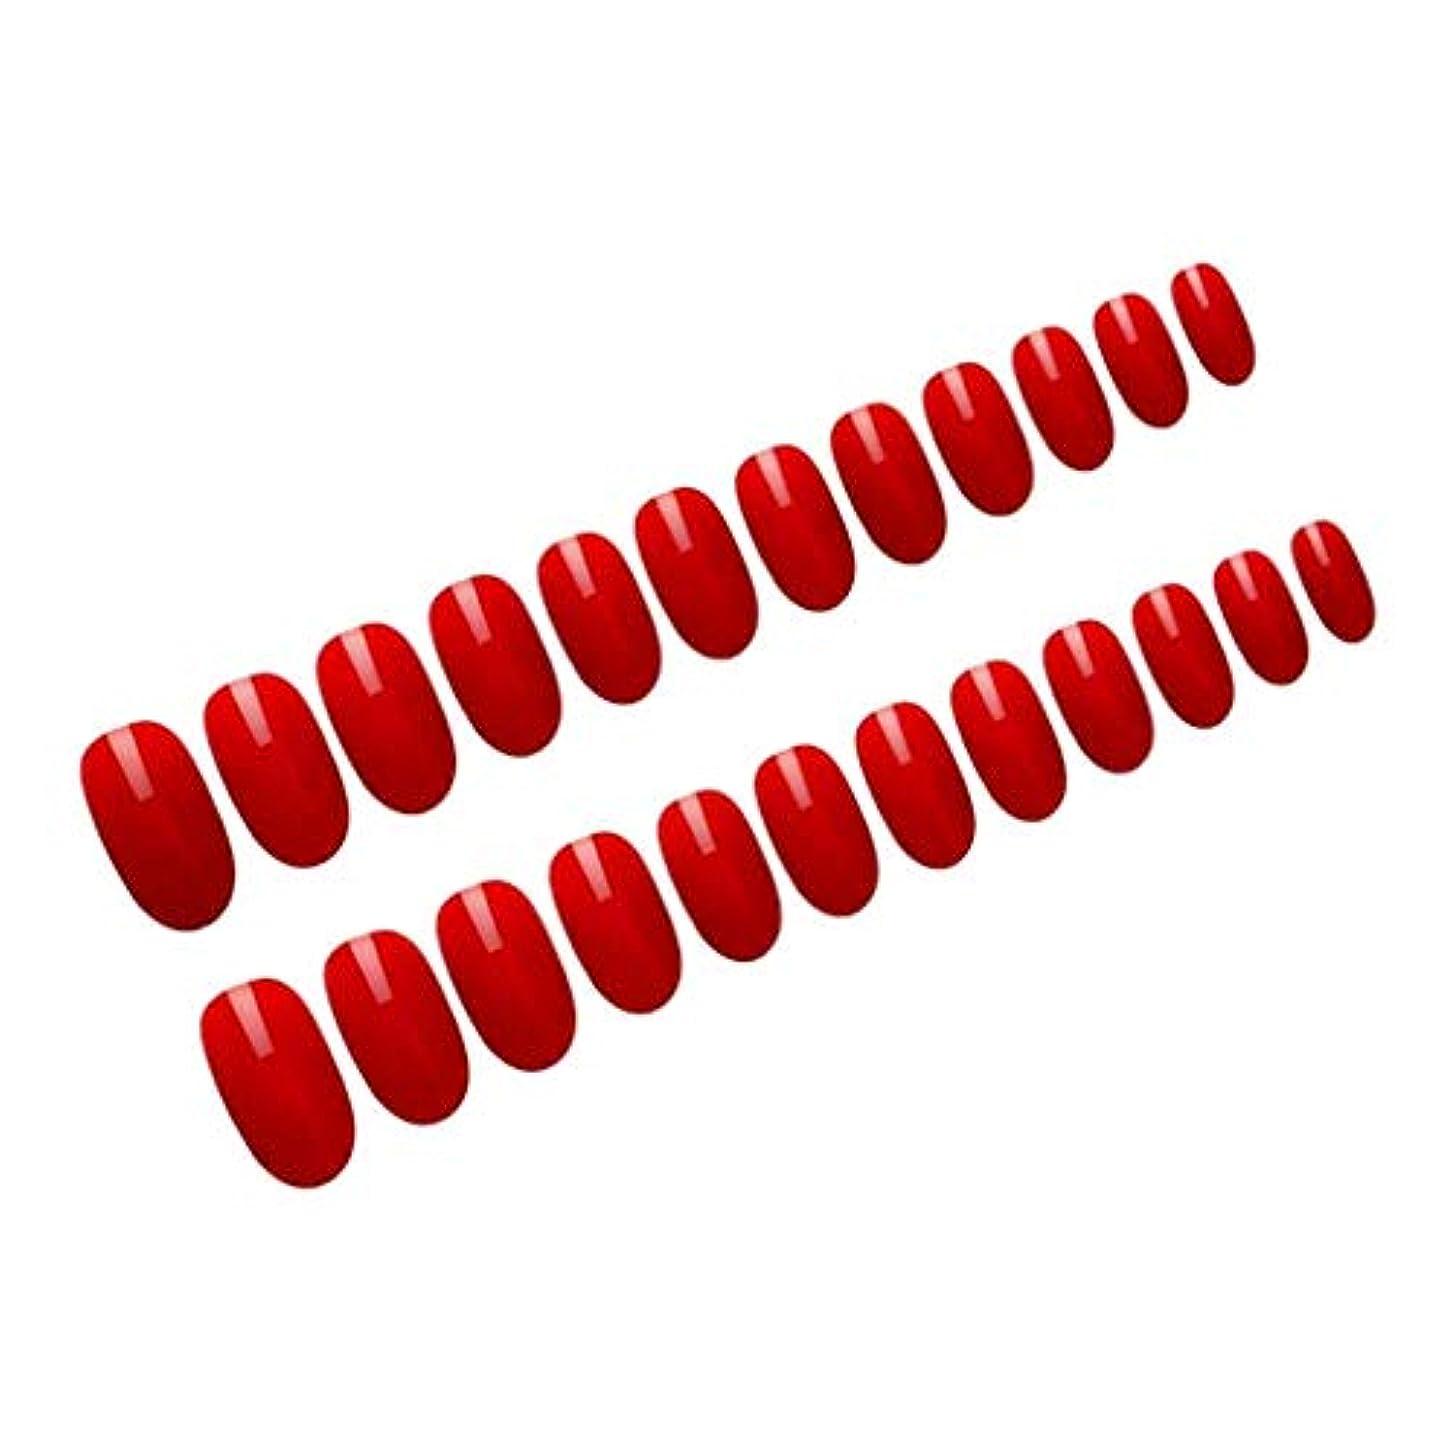 製油所不幸不信Sharplace ネイルチップ ロング フルカバー ネイルのヒント ネイルアート ネイルデコレーション 全6カラー - 赤